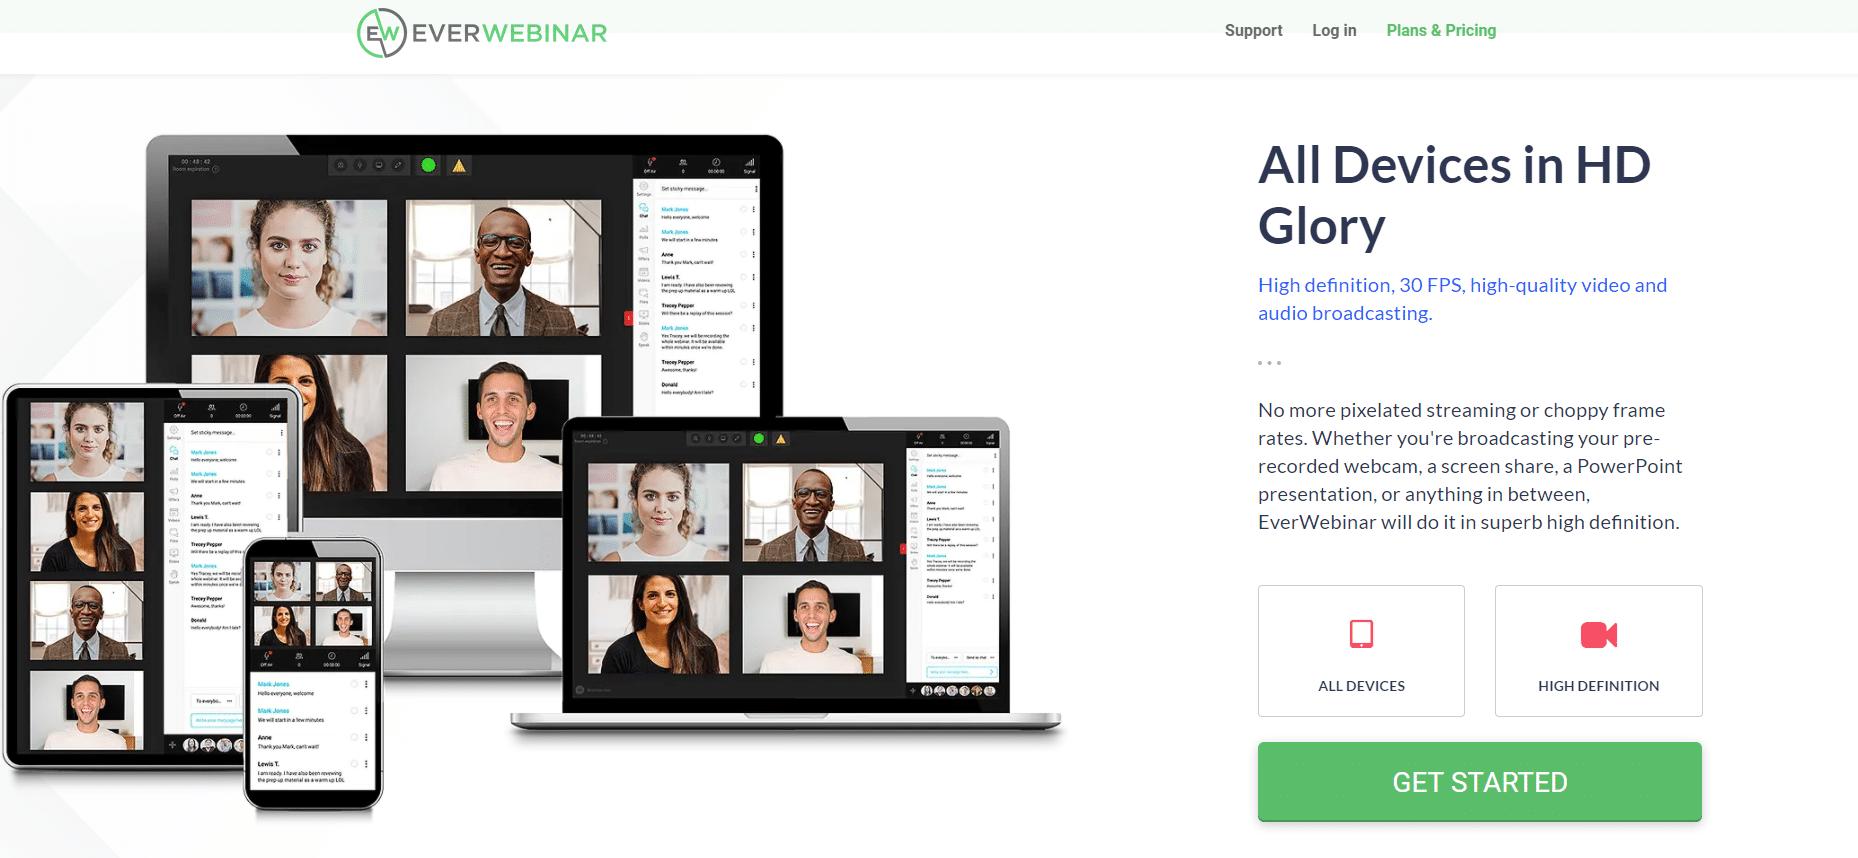 everwebinar-best-webinar-tool